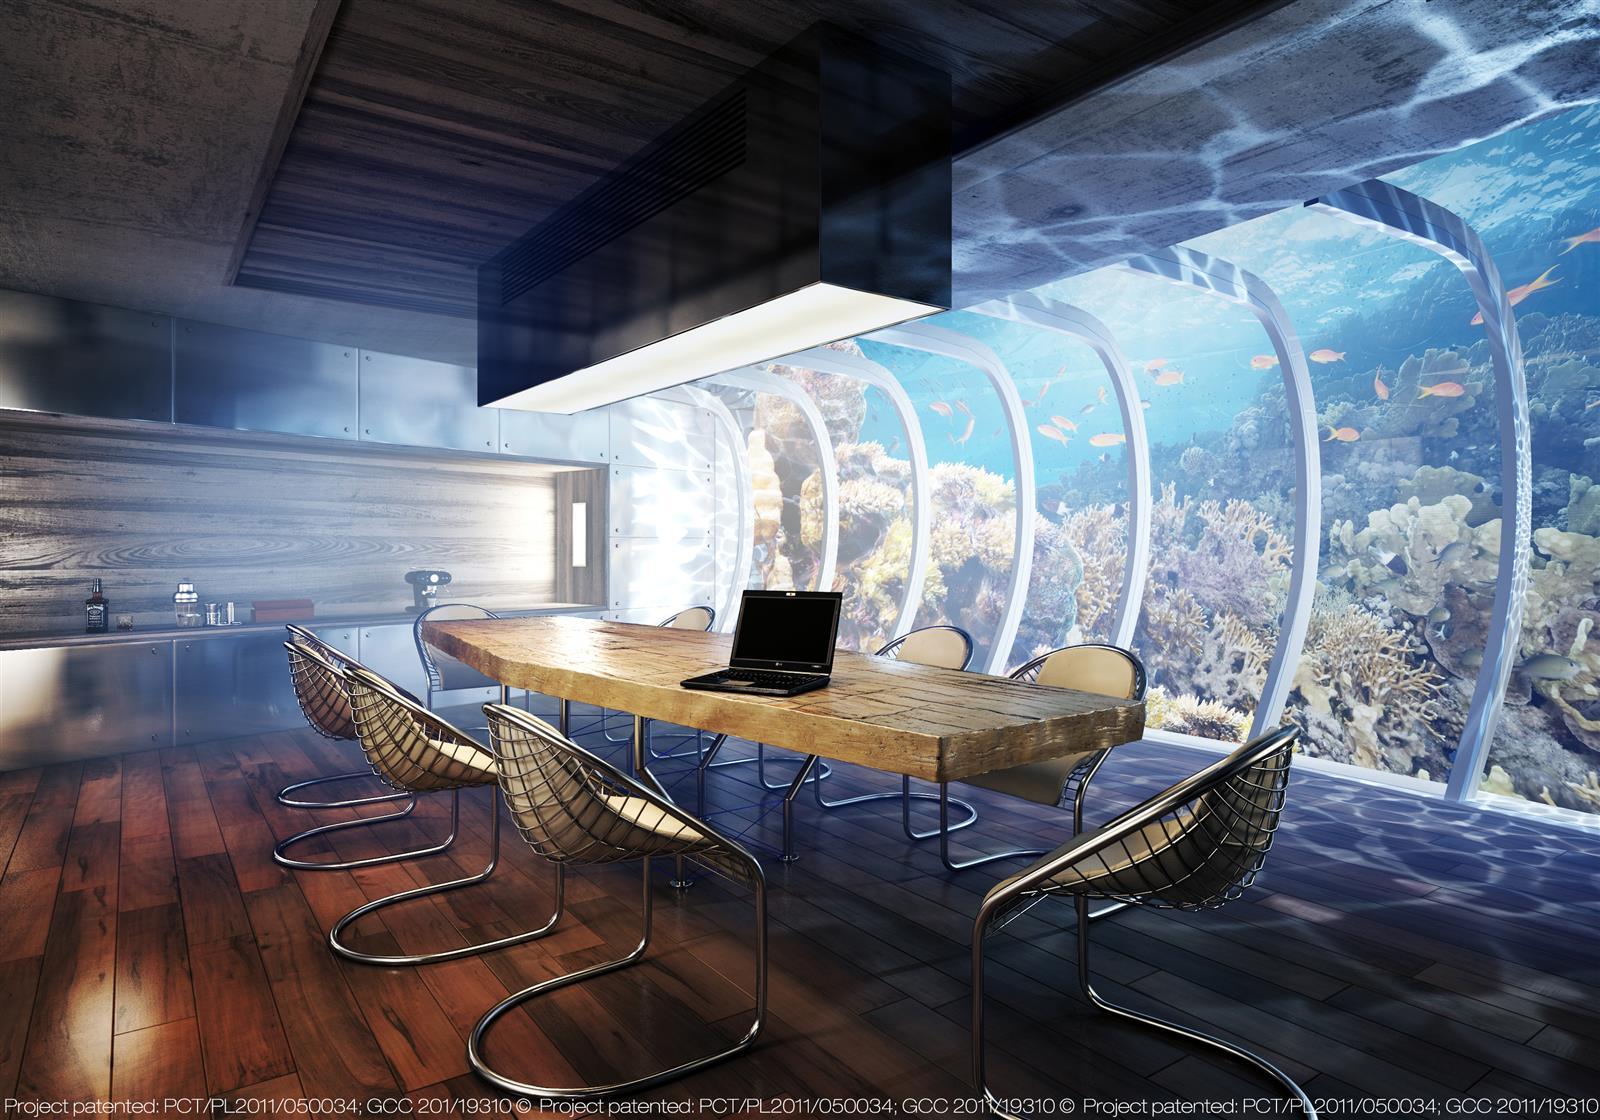 غرف فنادق مذهلة تحت الماء 30